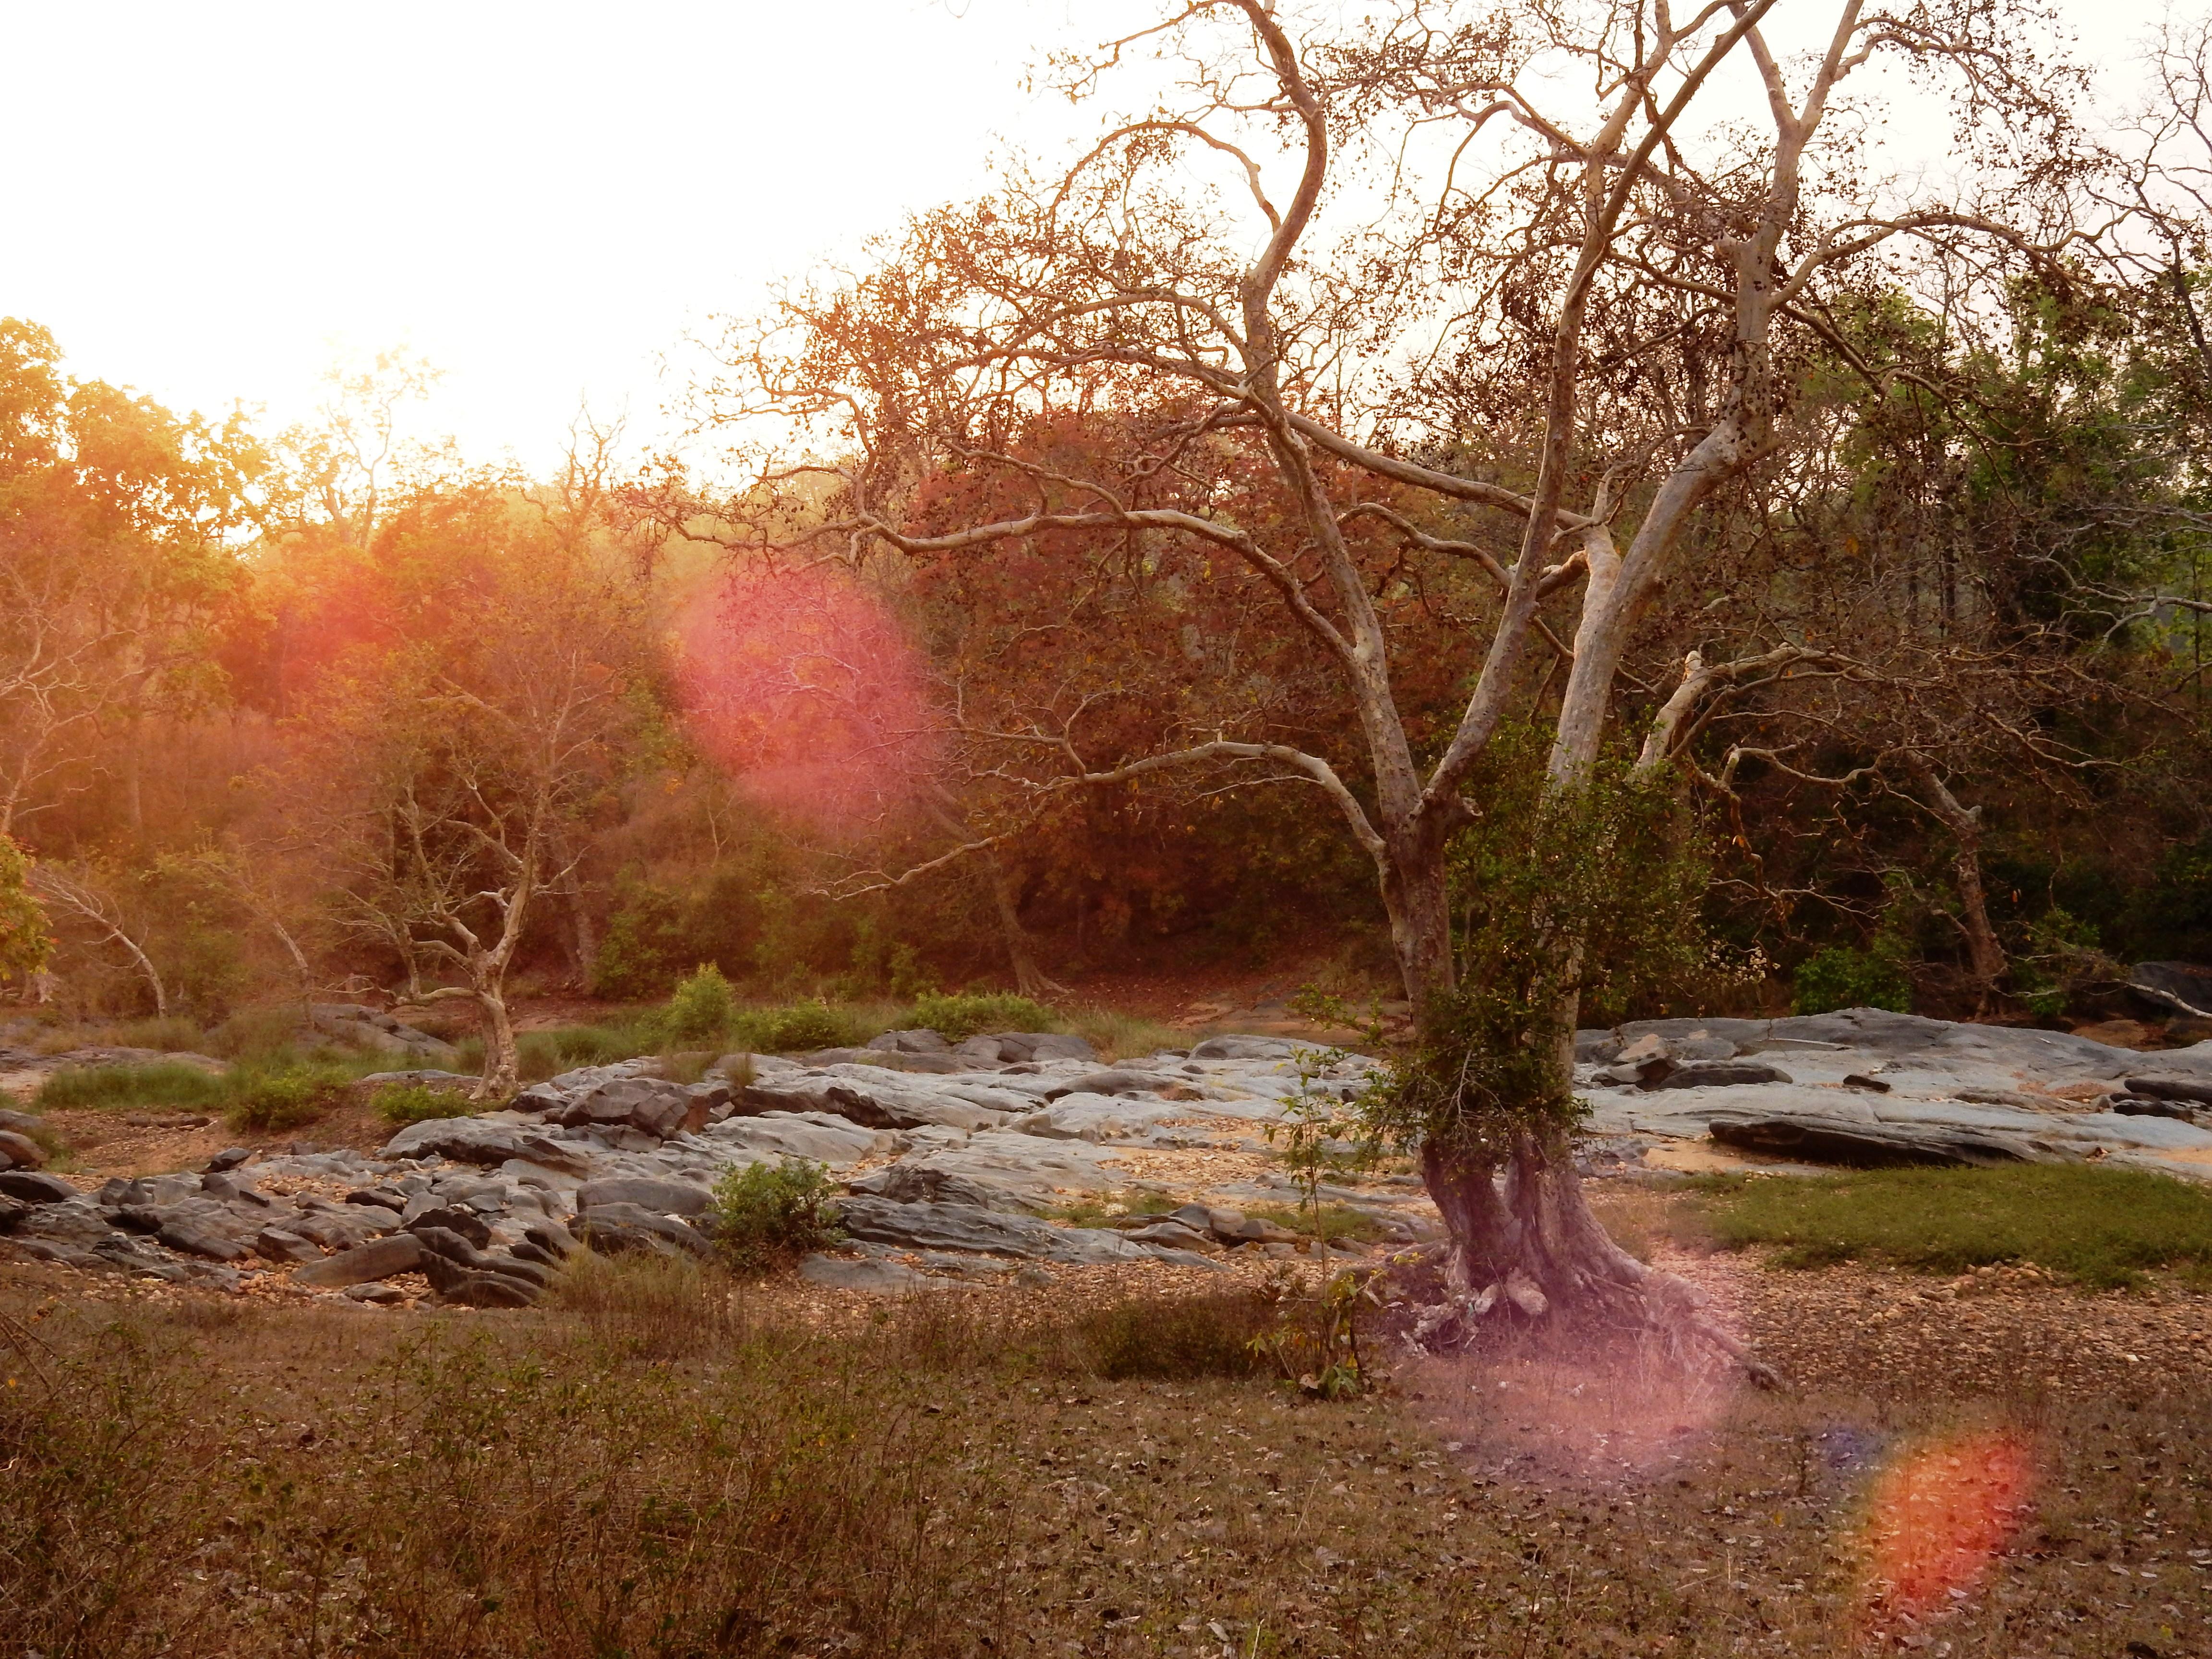 mowgli trails, taj safaris, and beyond, safaris in india